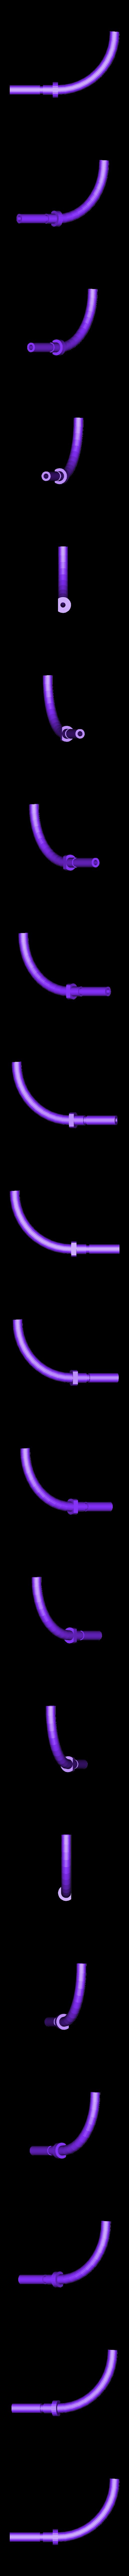 guide_filament_long.stl Télécharger fichier STL gratuit CAISSON DAGOMA - add-on obturateur/guide filament • Modèle à imprimer en 3D, badmax133